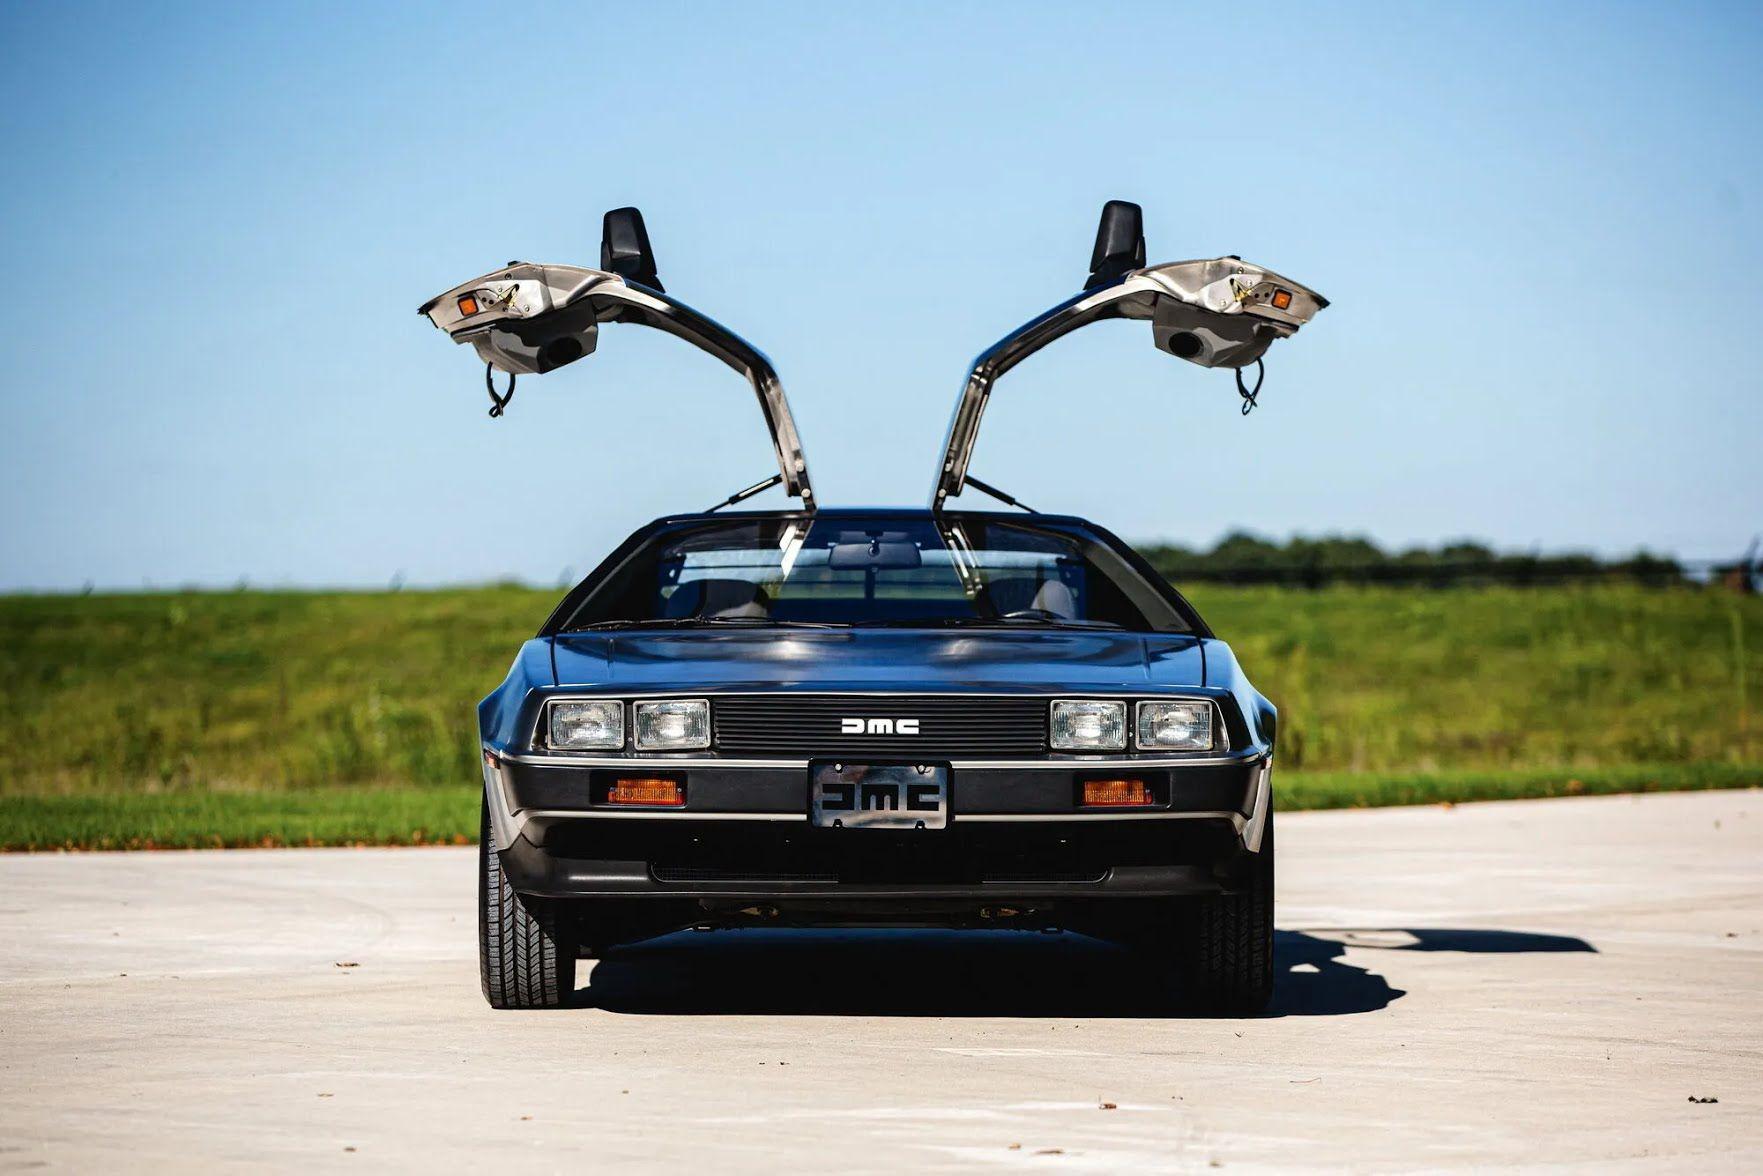 DeLorean DMC-12 выпускался компанией Джона ДеЛореана с 1981 по 1983 год